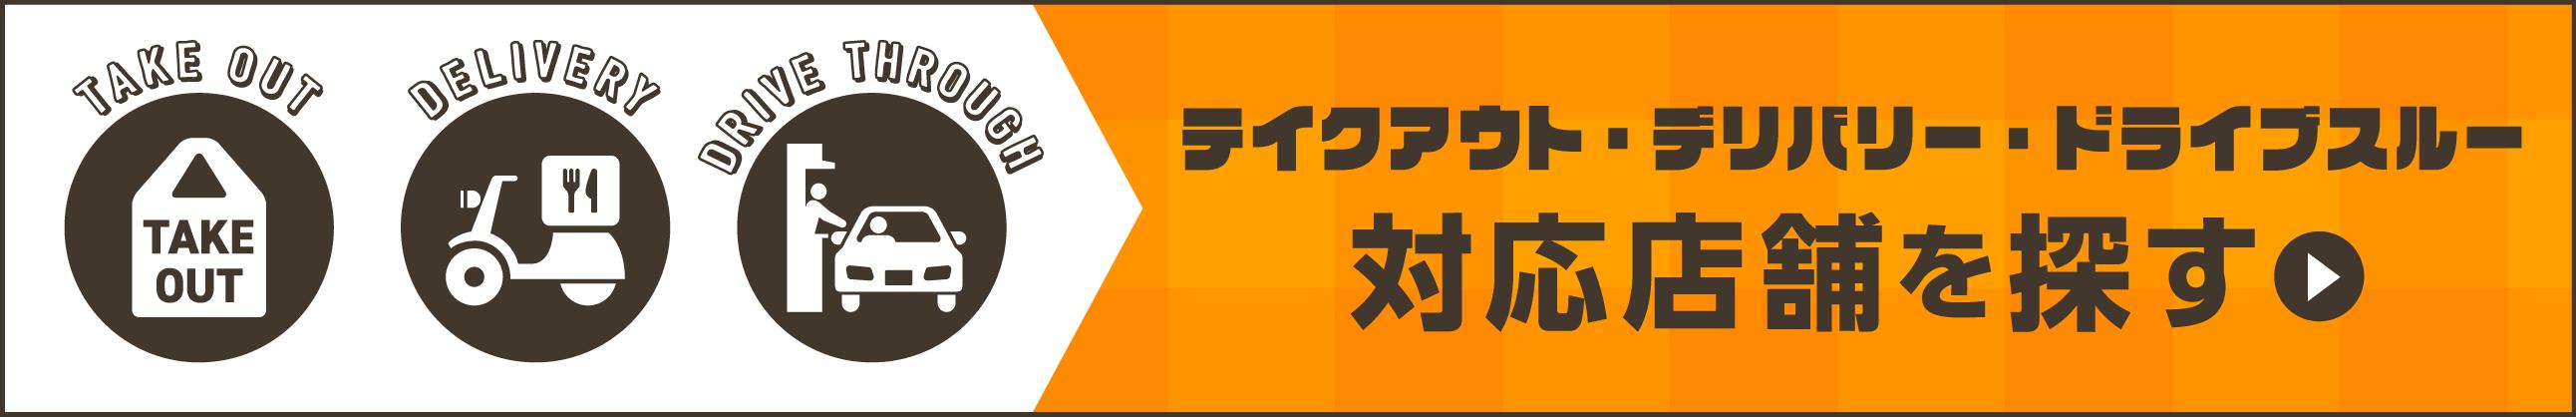 江戸川 区 ドライブ スルー